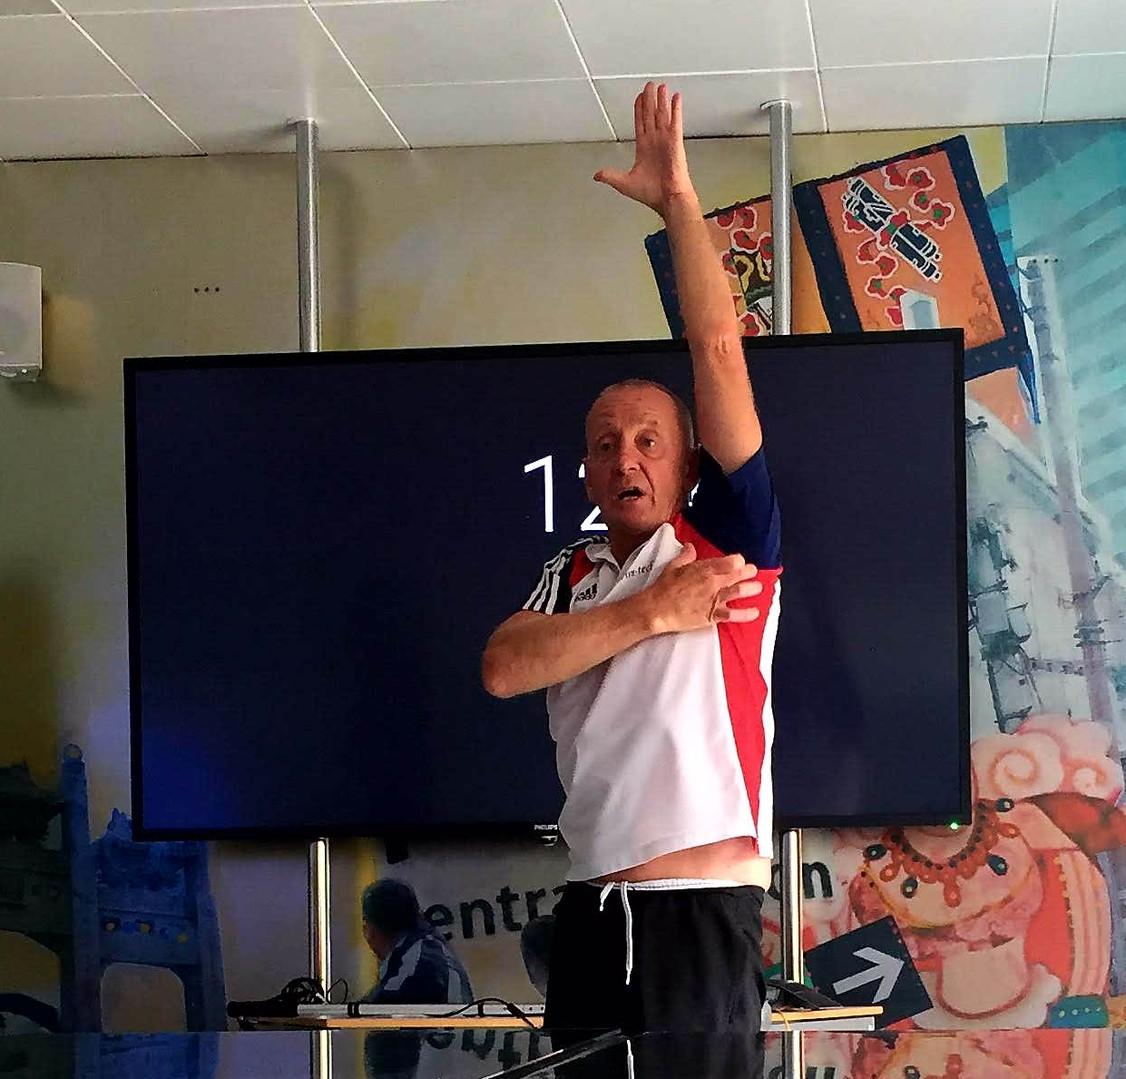 Invictus_training2